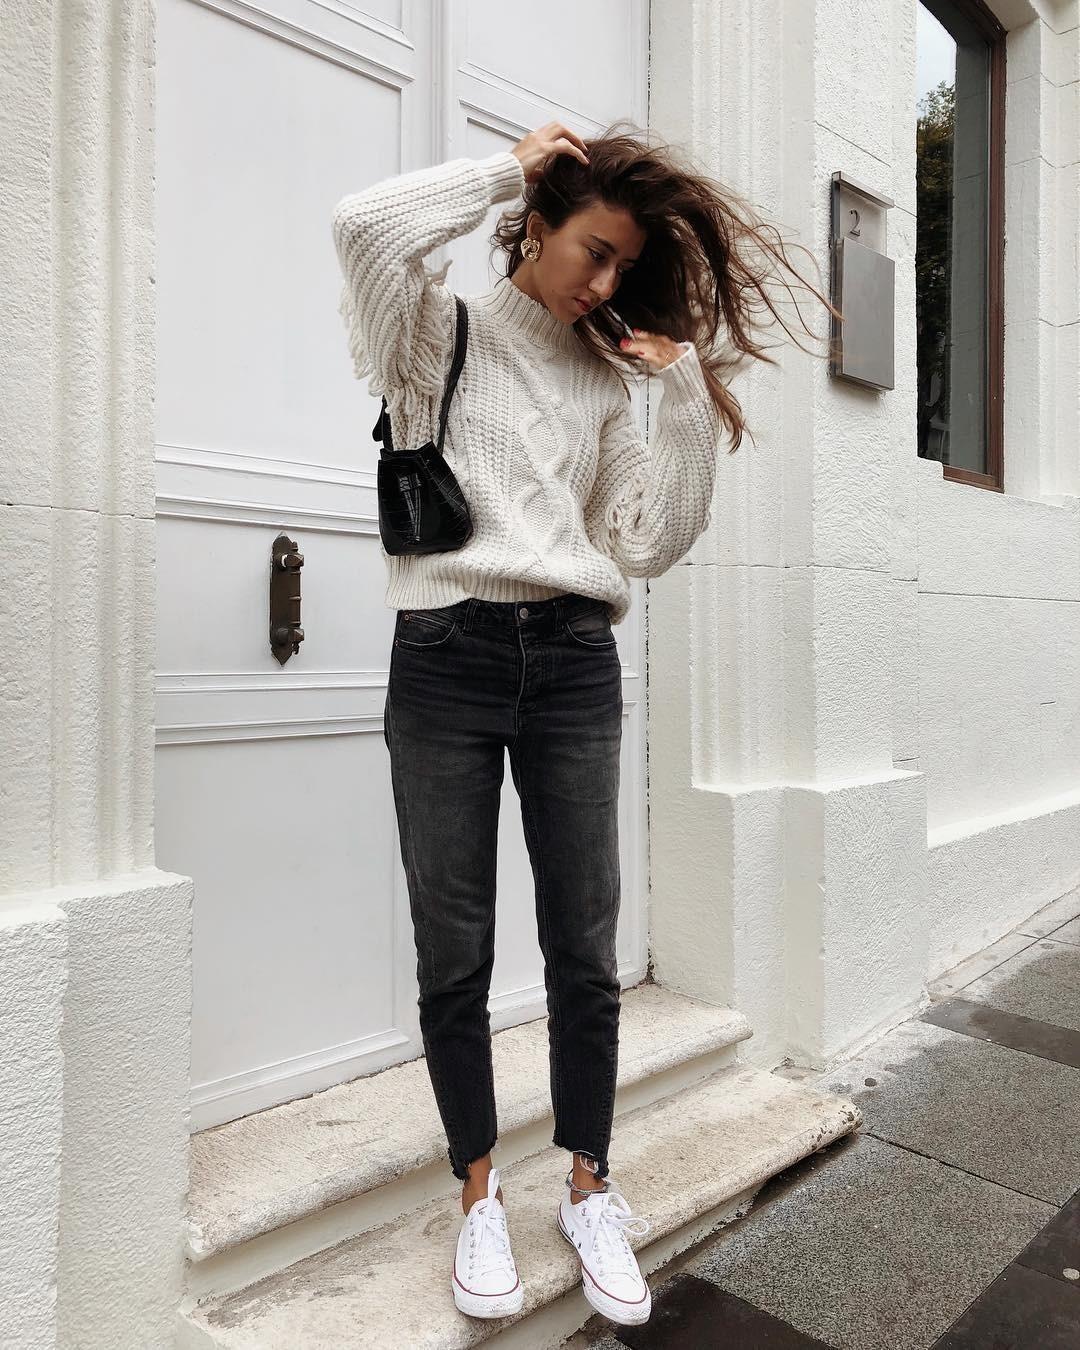 Объемный свитер крупной вязки - одна изсамых практичных вещей гардероба, которая смотрится буквально намиллион! Вещь крупной вязки выглядит более фактурно, интересно идорого, а вэтом...